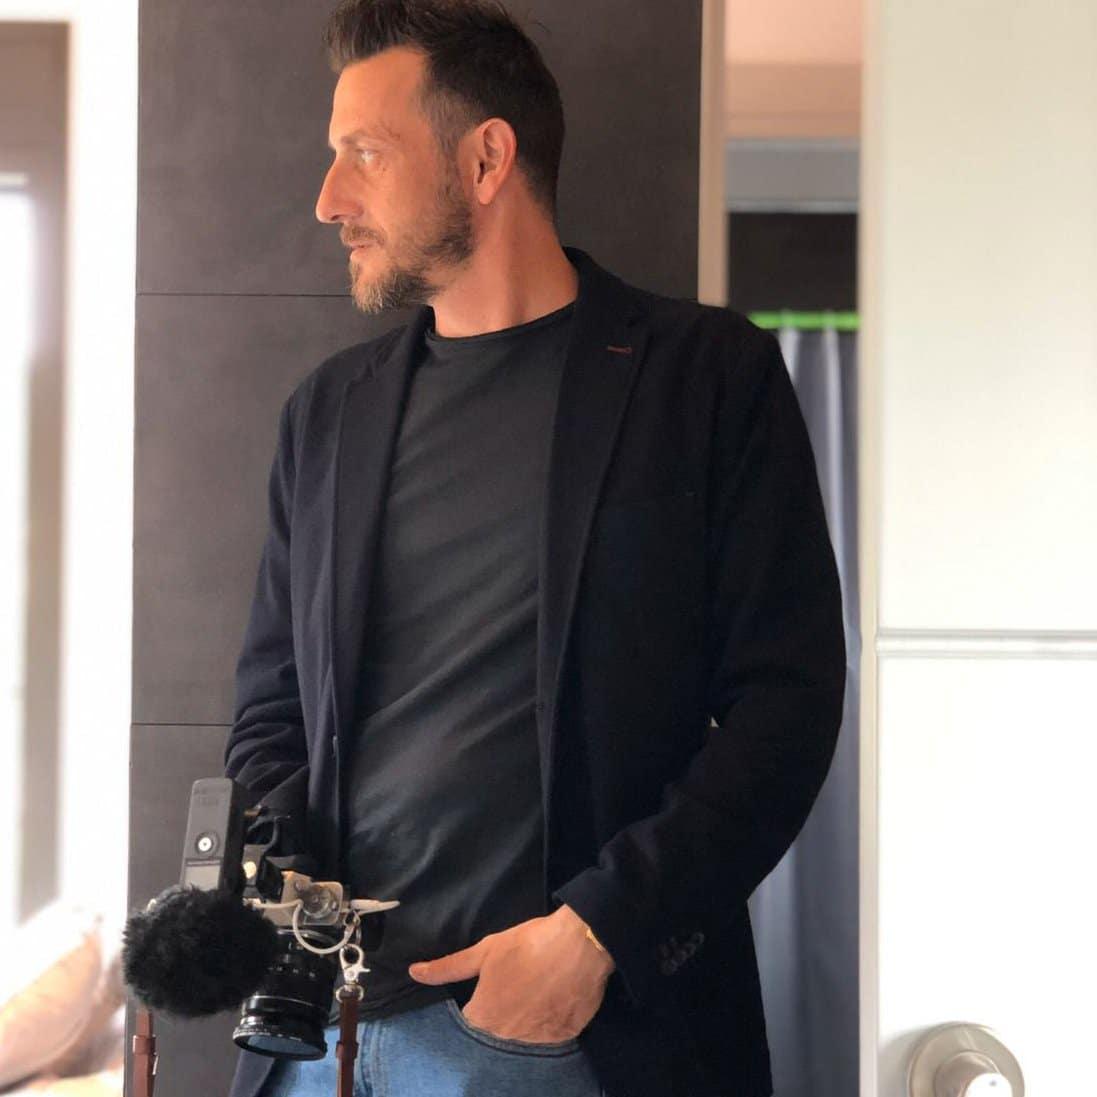 videógrafo de bodas en Barcelona